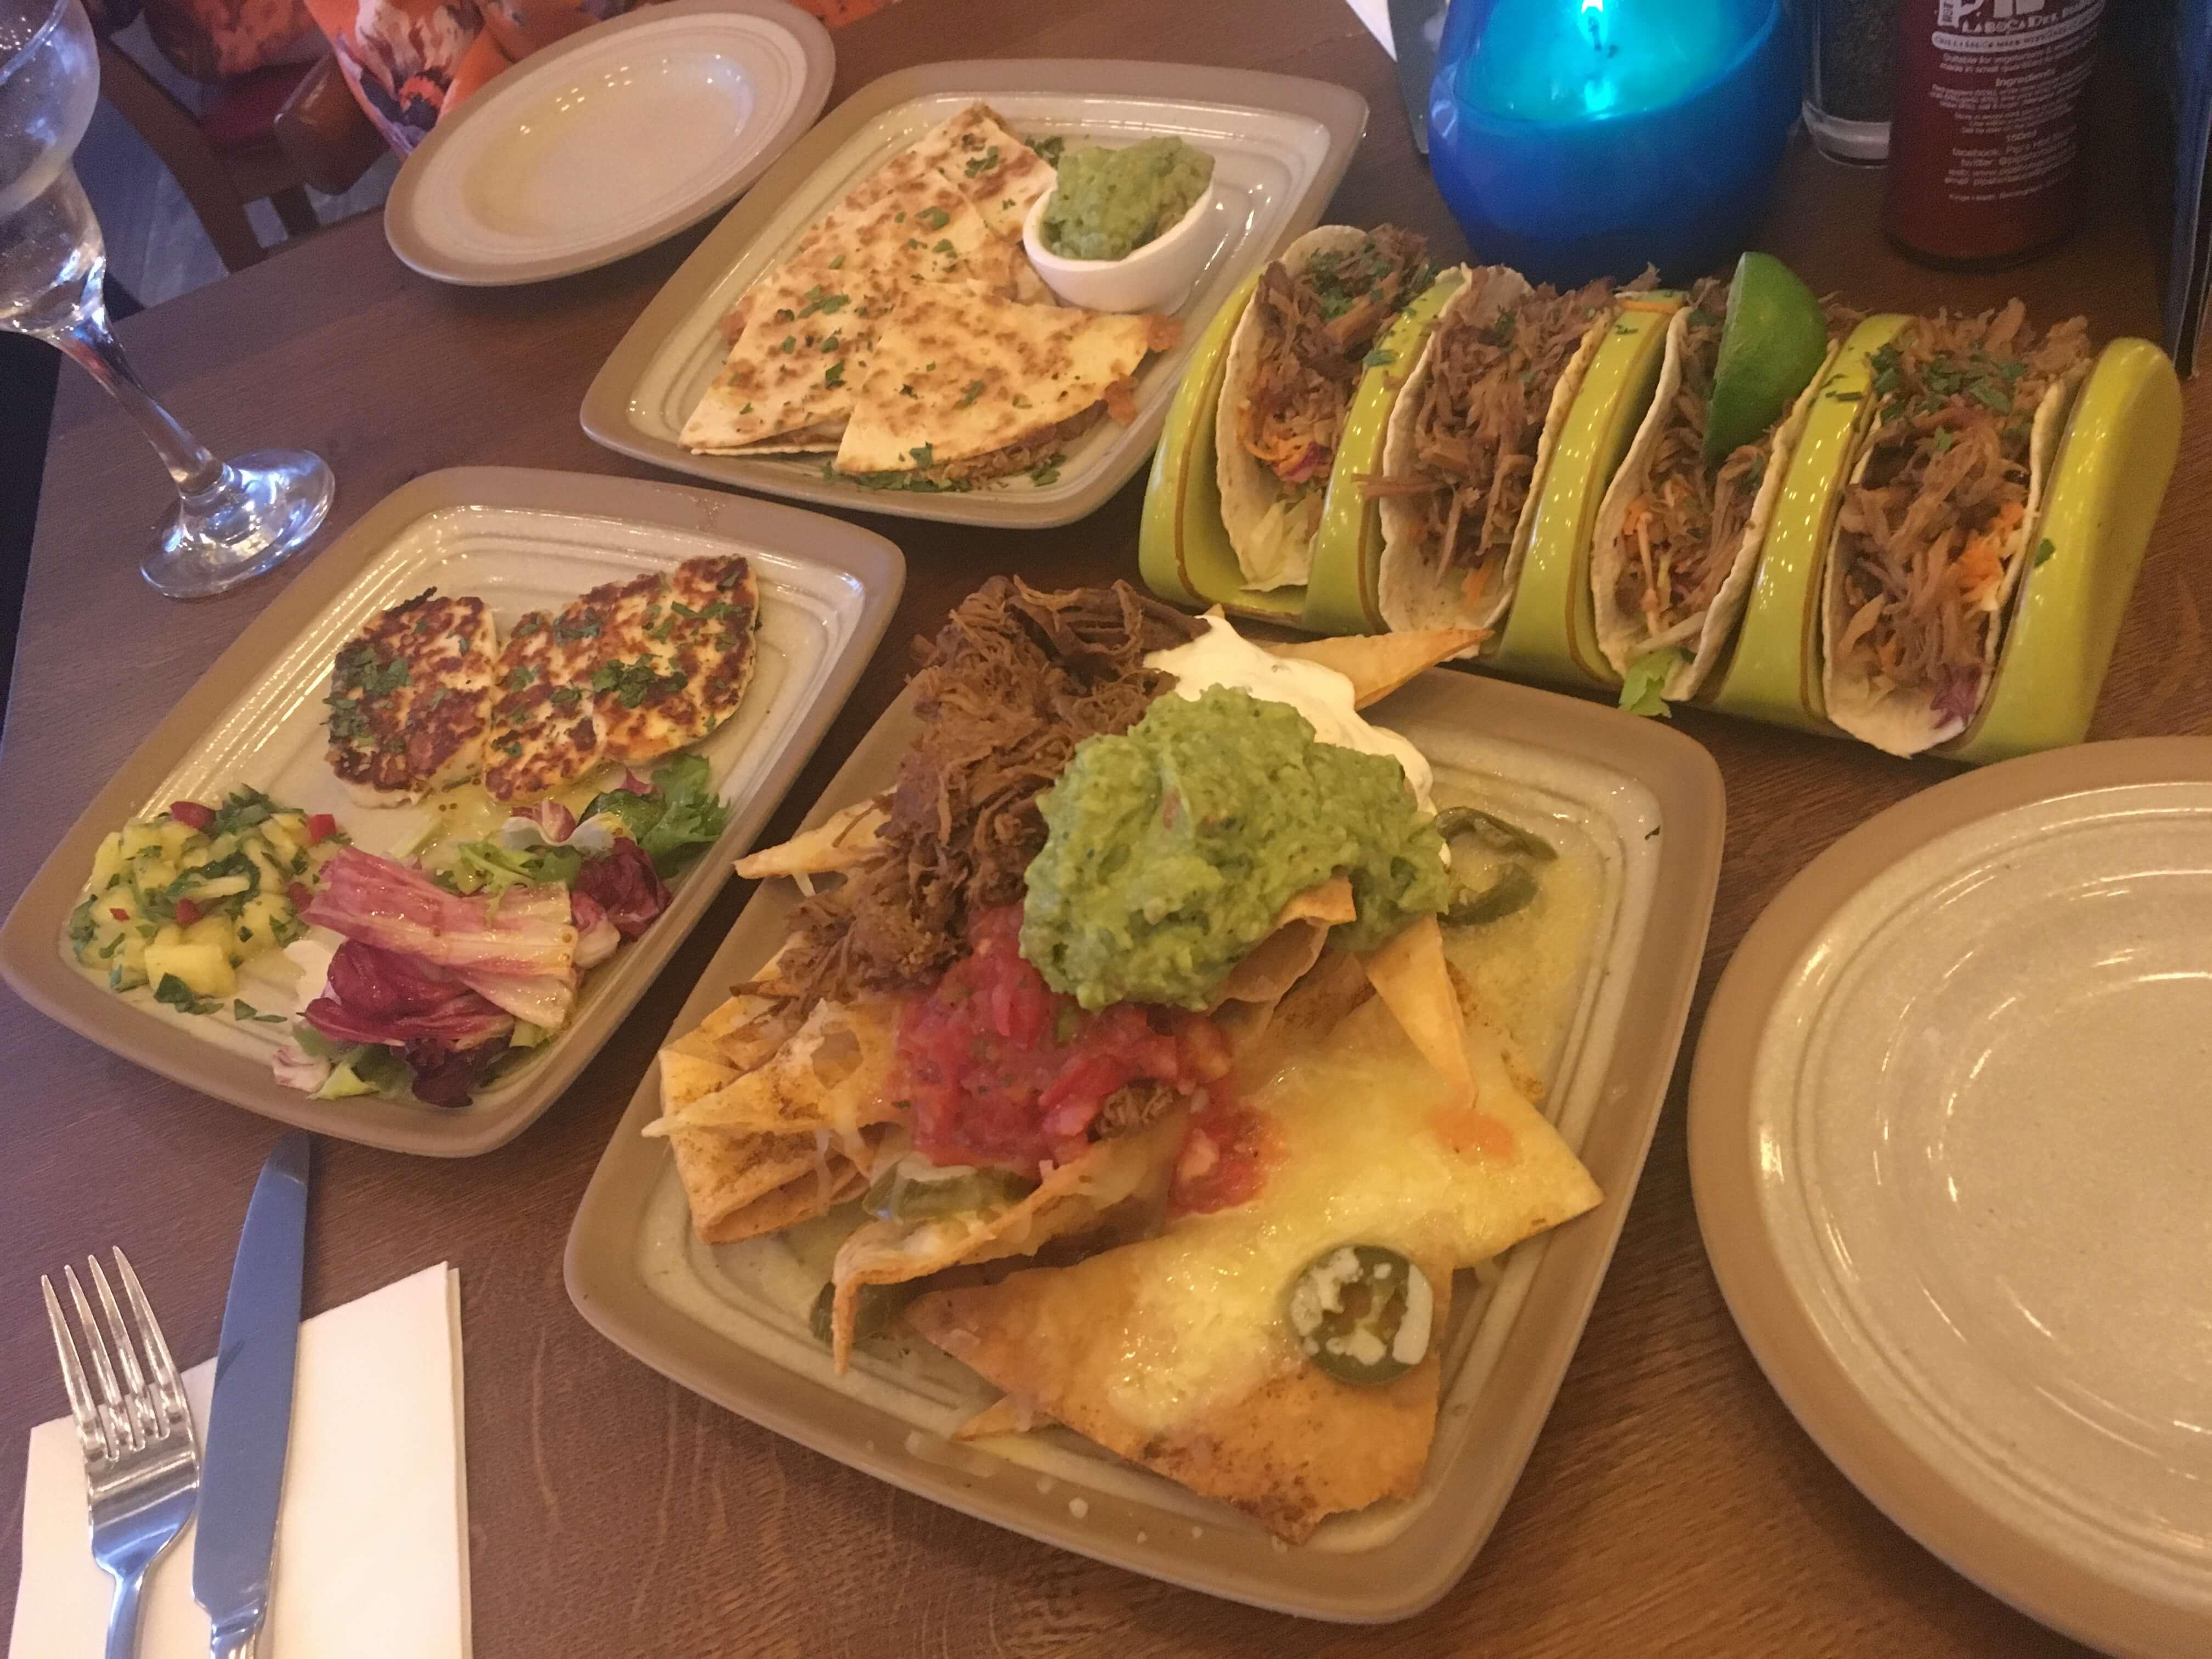 Dinner at Bodega